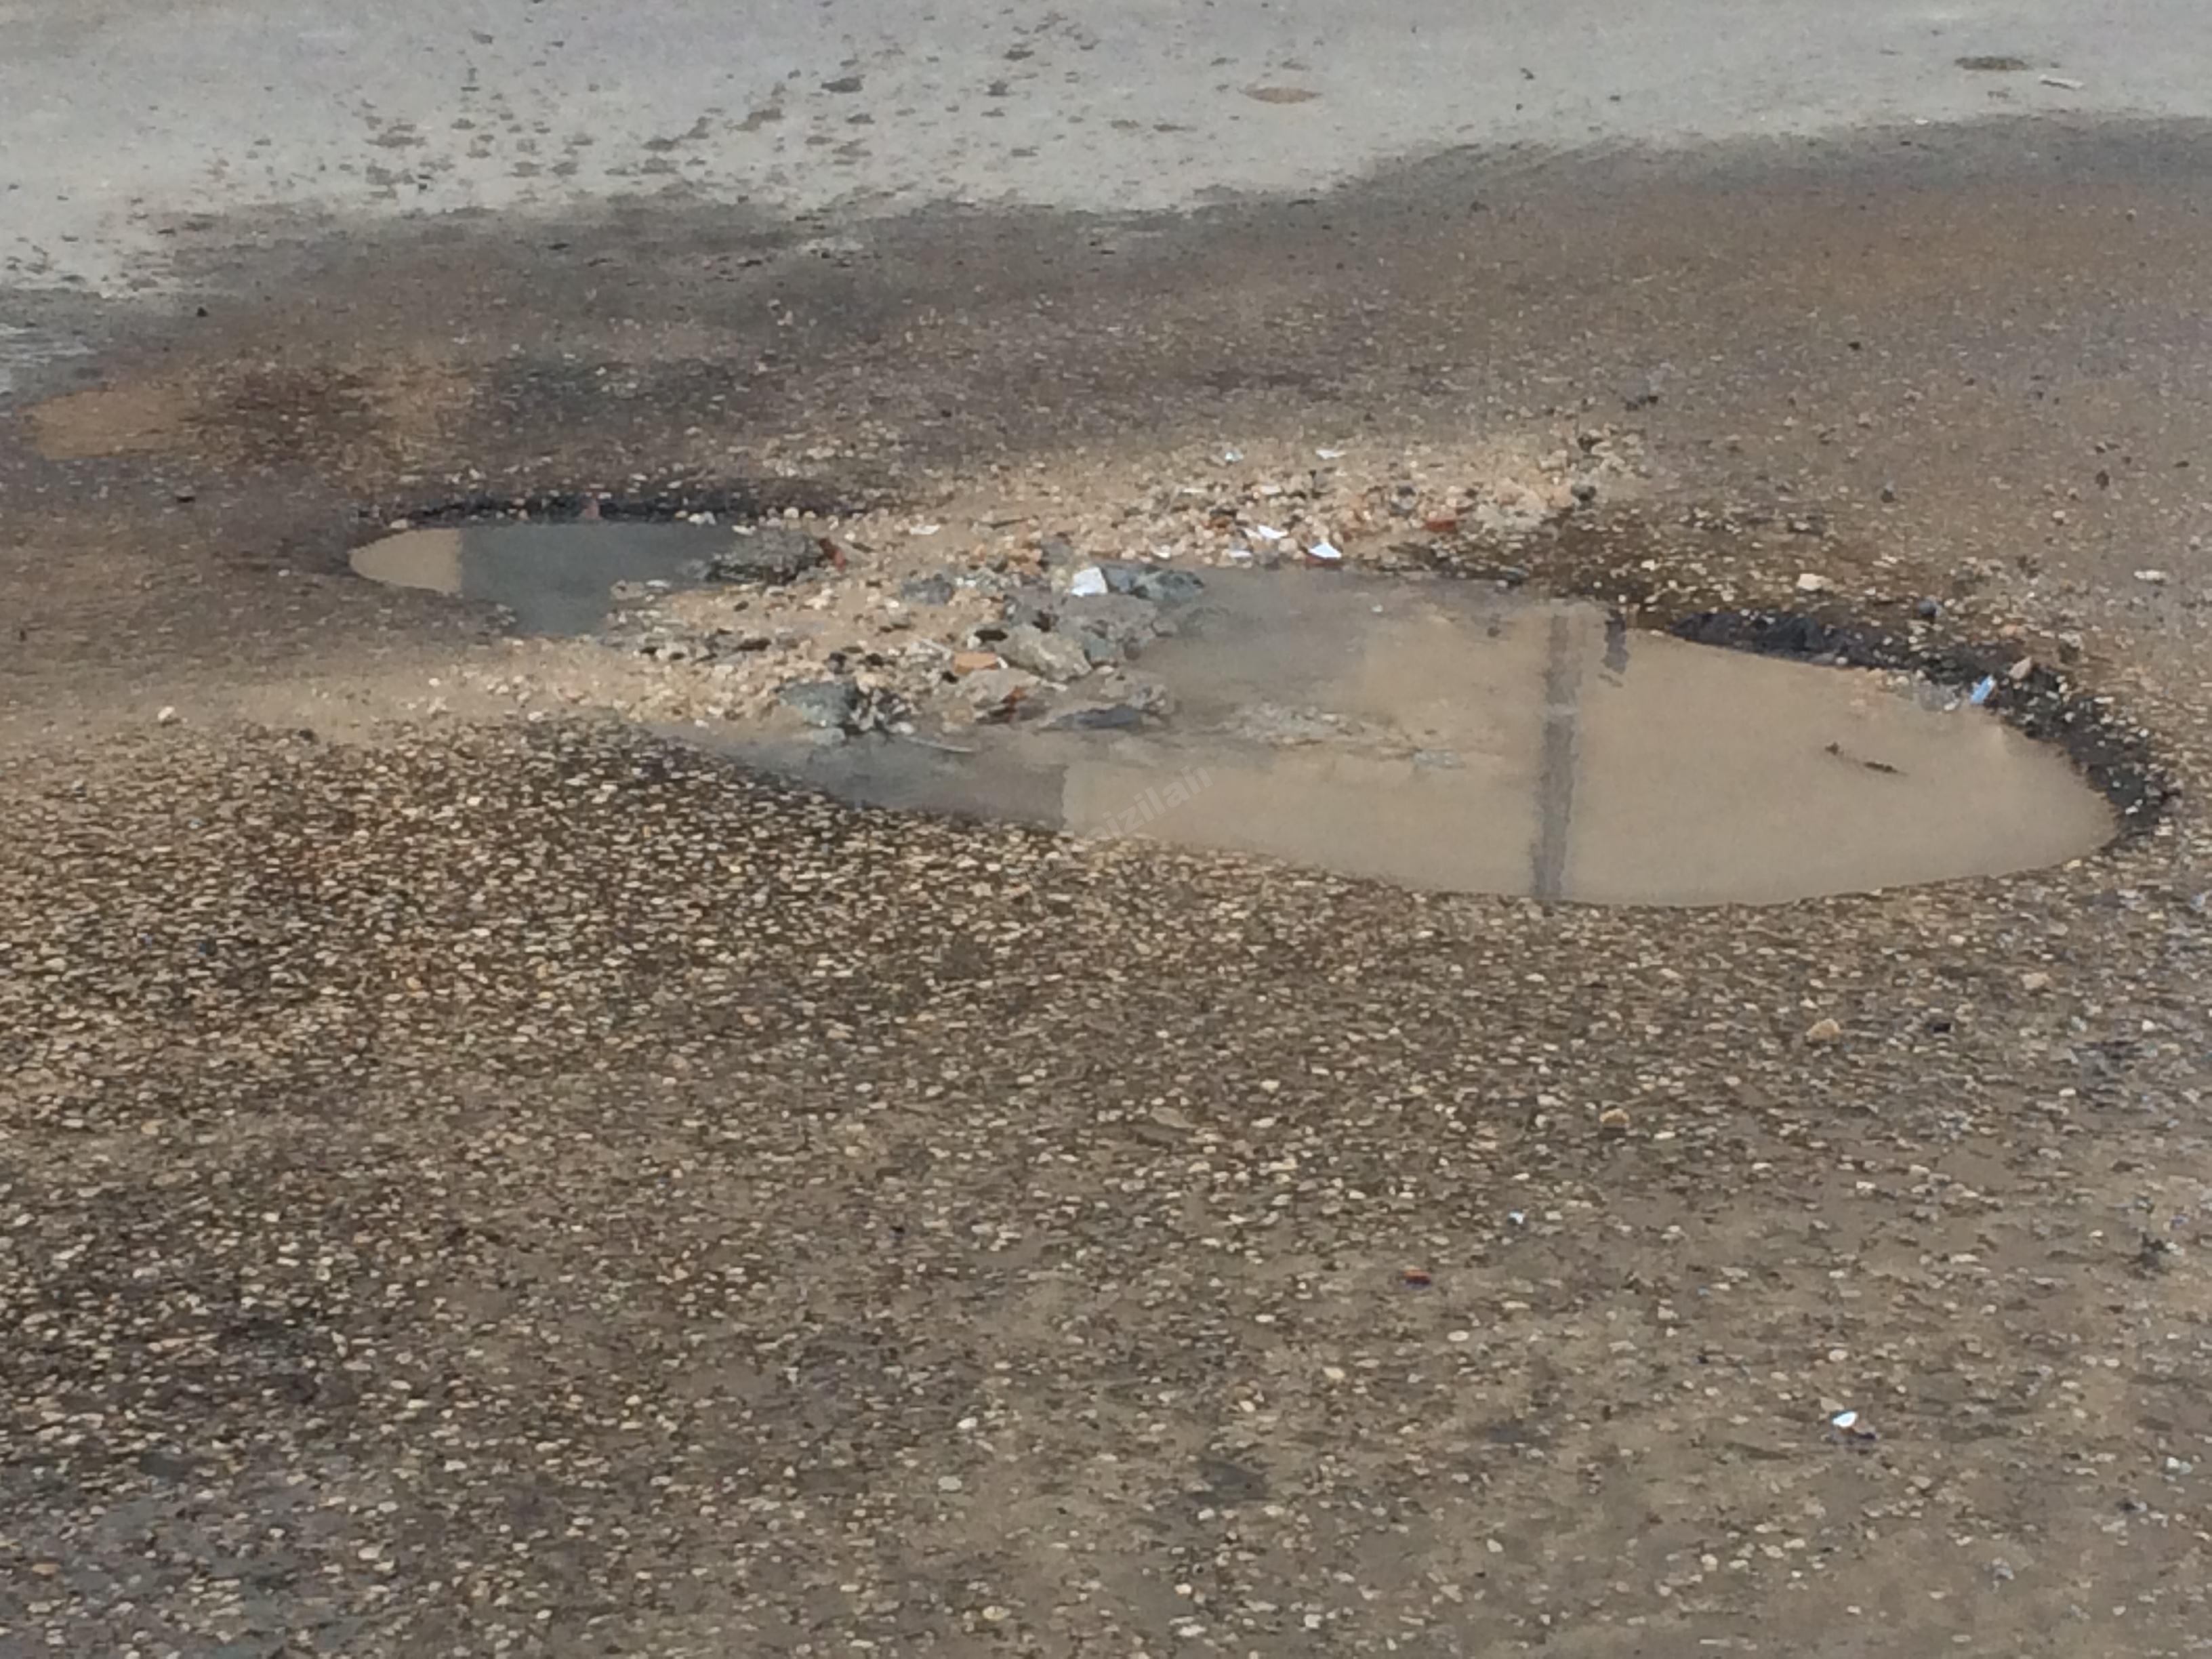 مشكلة تسريب مياه أزلية في أحد أحياء المنيزلة